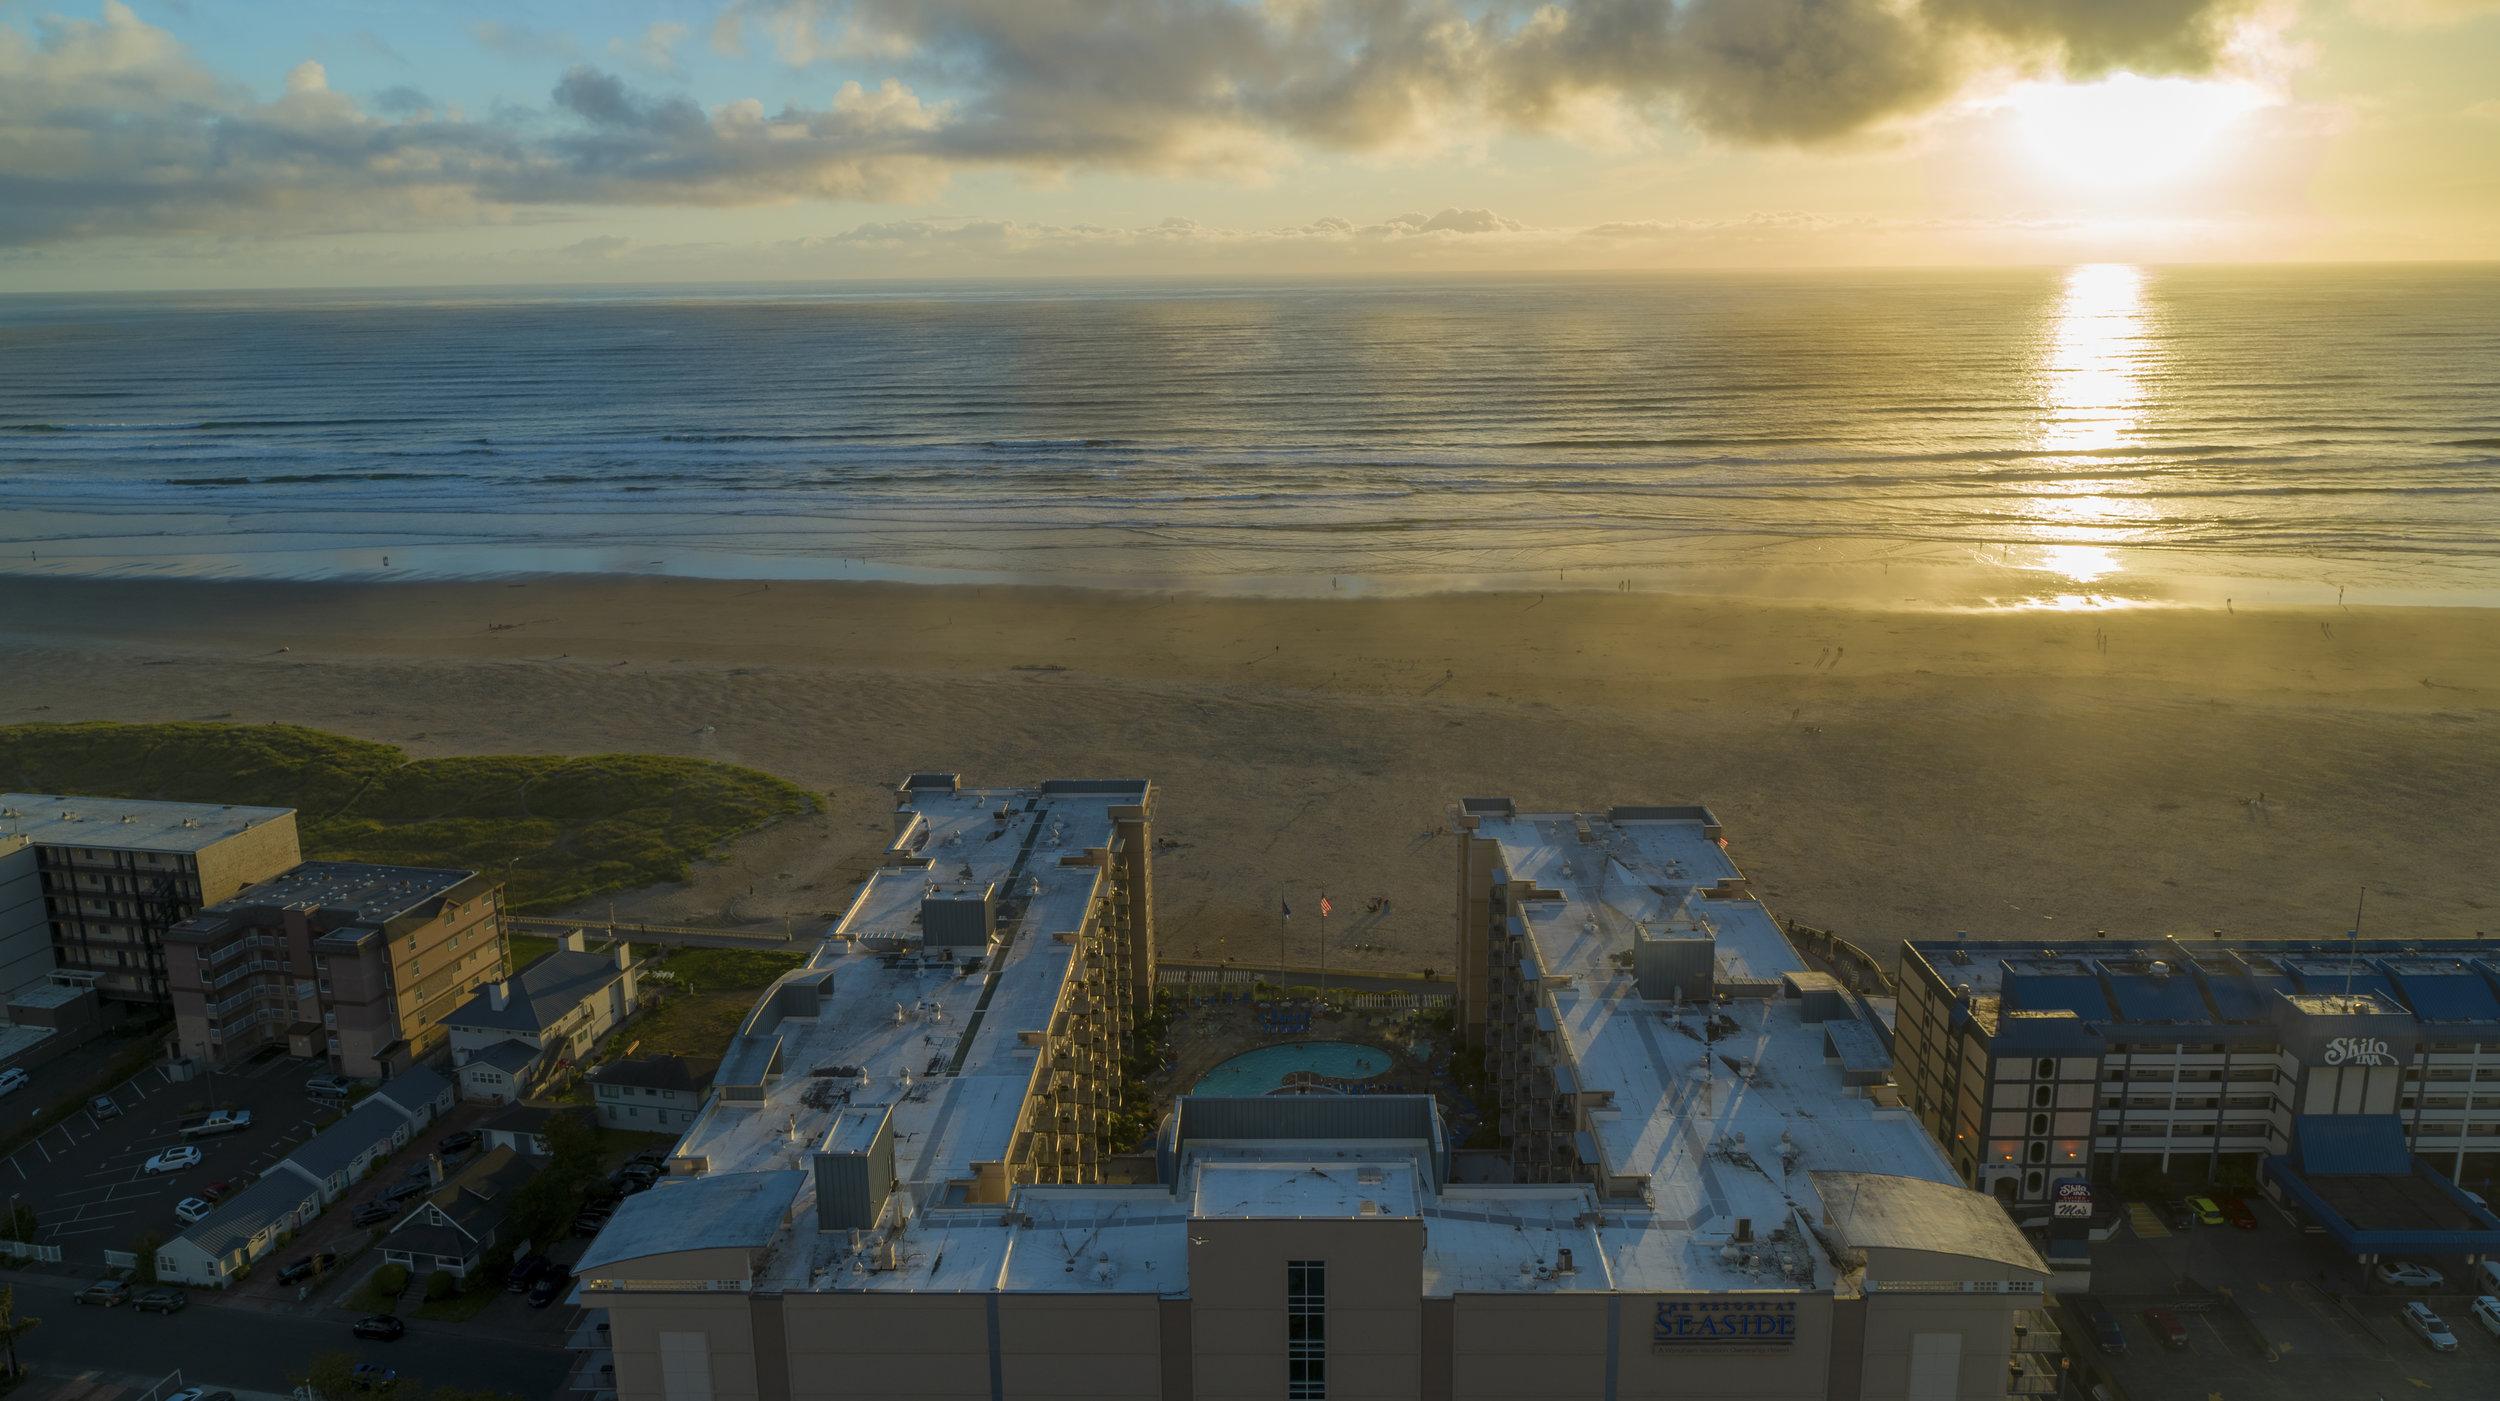 Seaside2-511.jpg